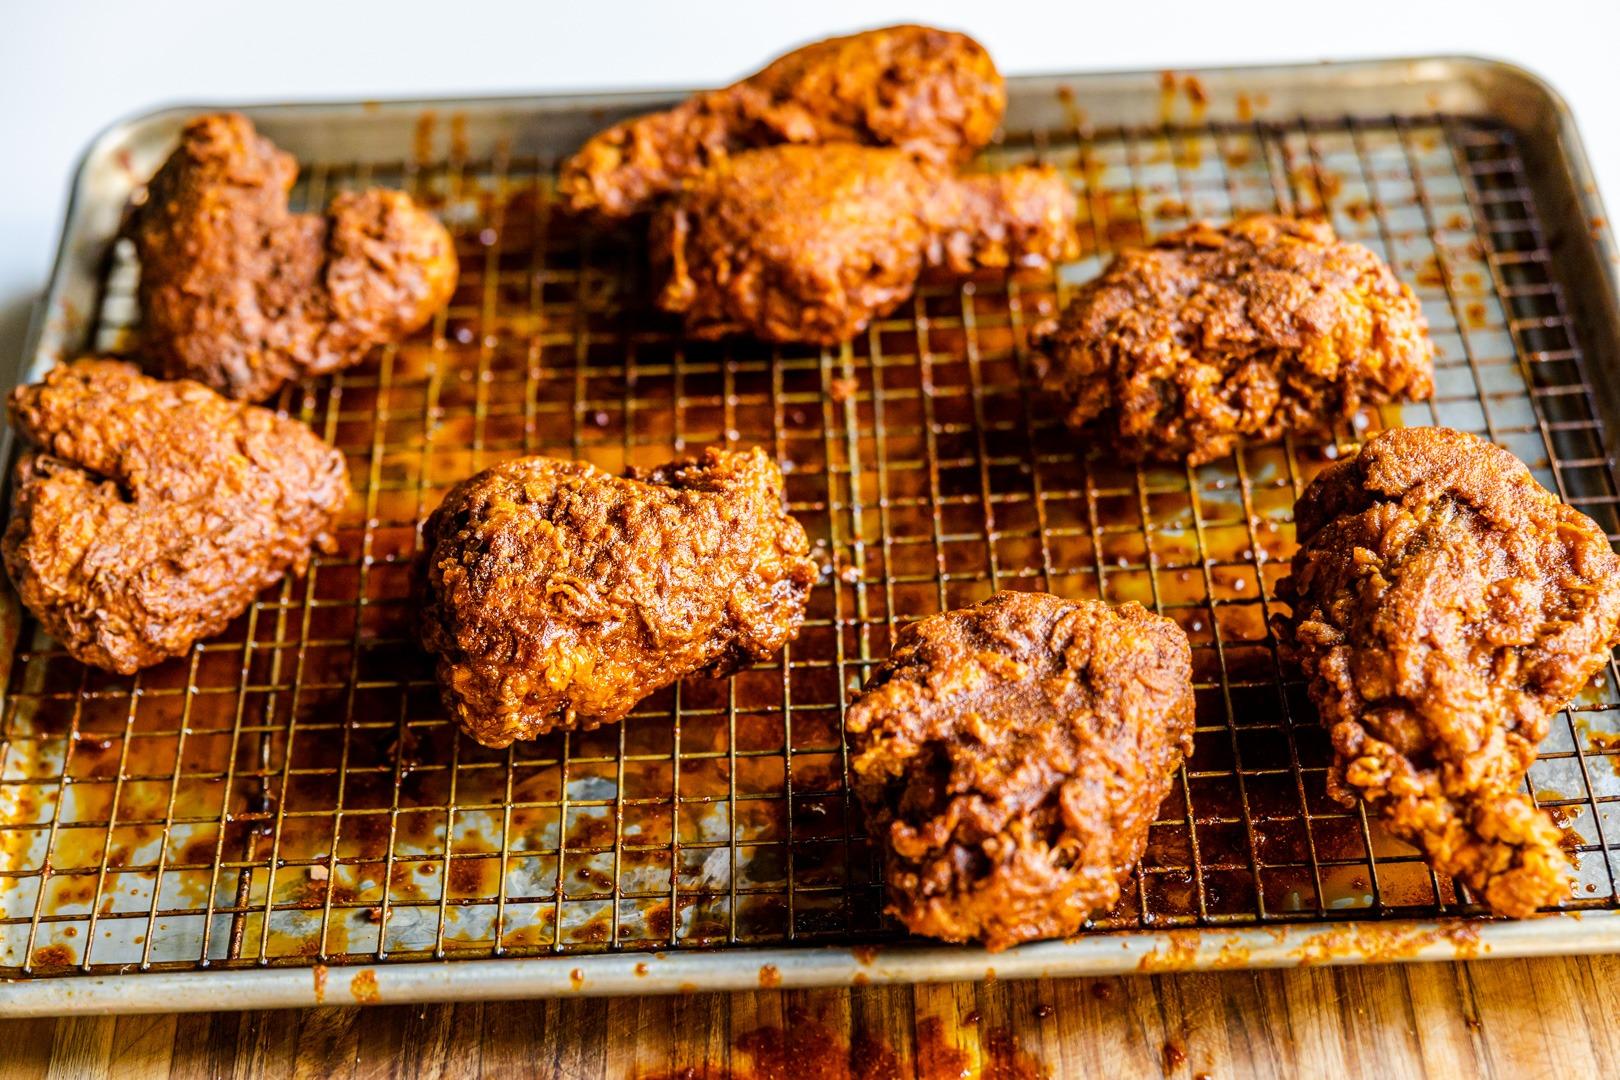 Nashville hot chicken in a pan